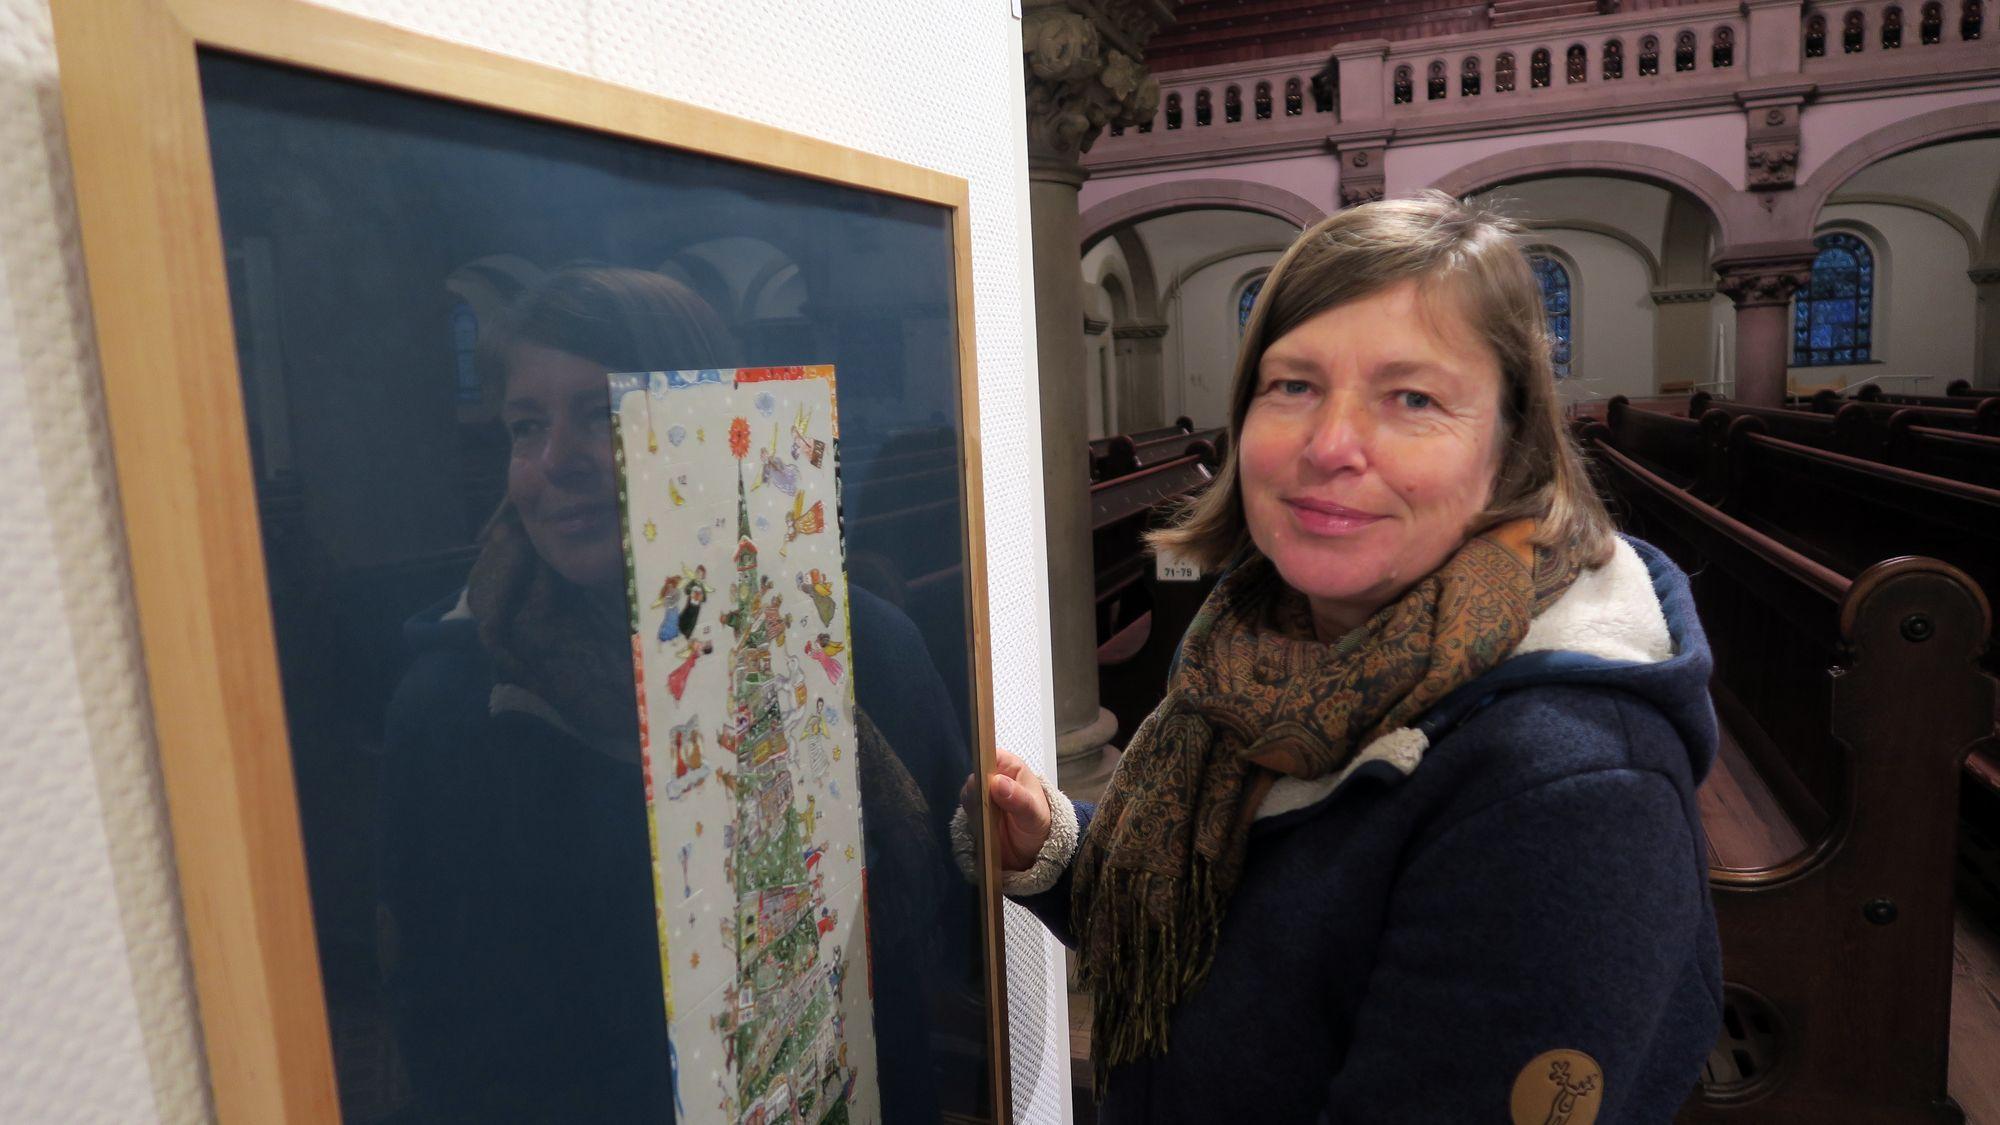 Illustratorin Juliane Hackbeil in der Ausstellung in der Martin-Luther-Kirche